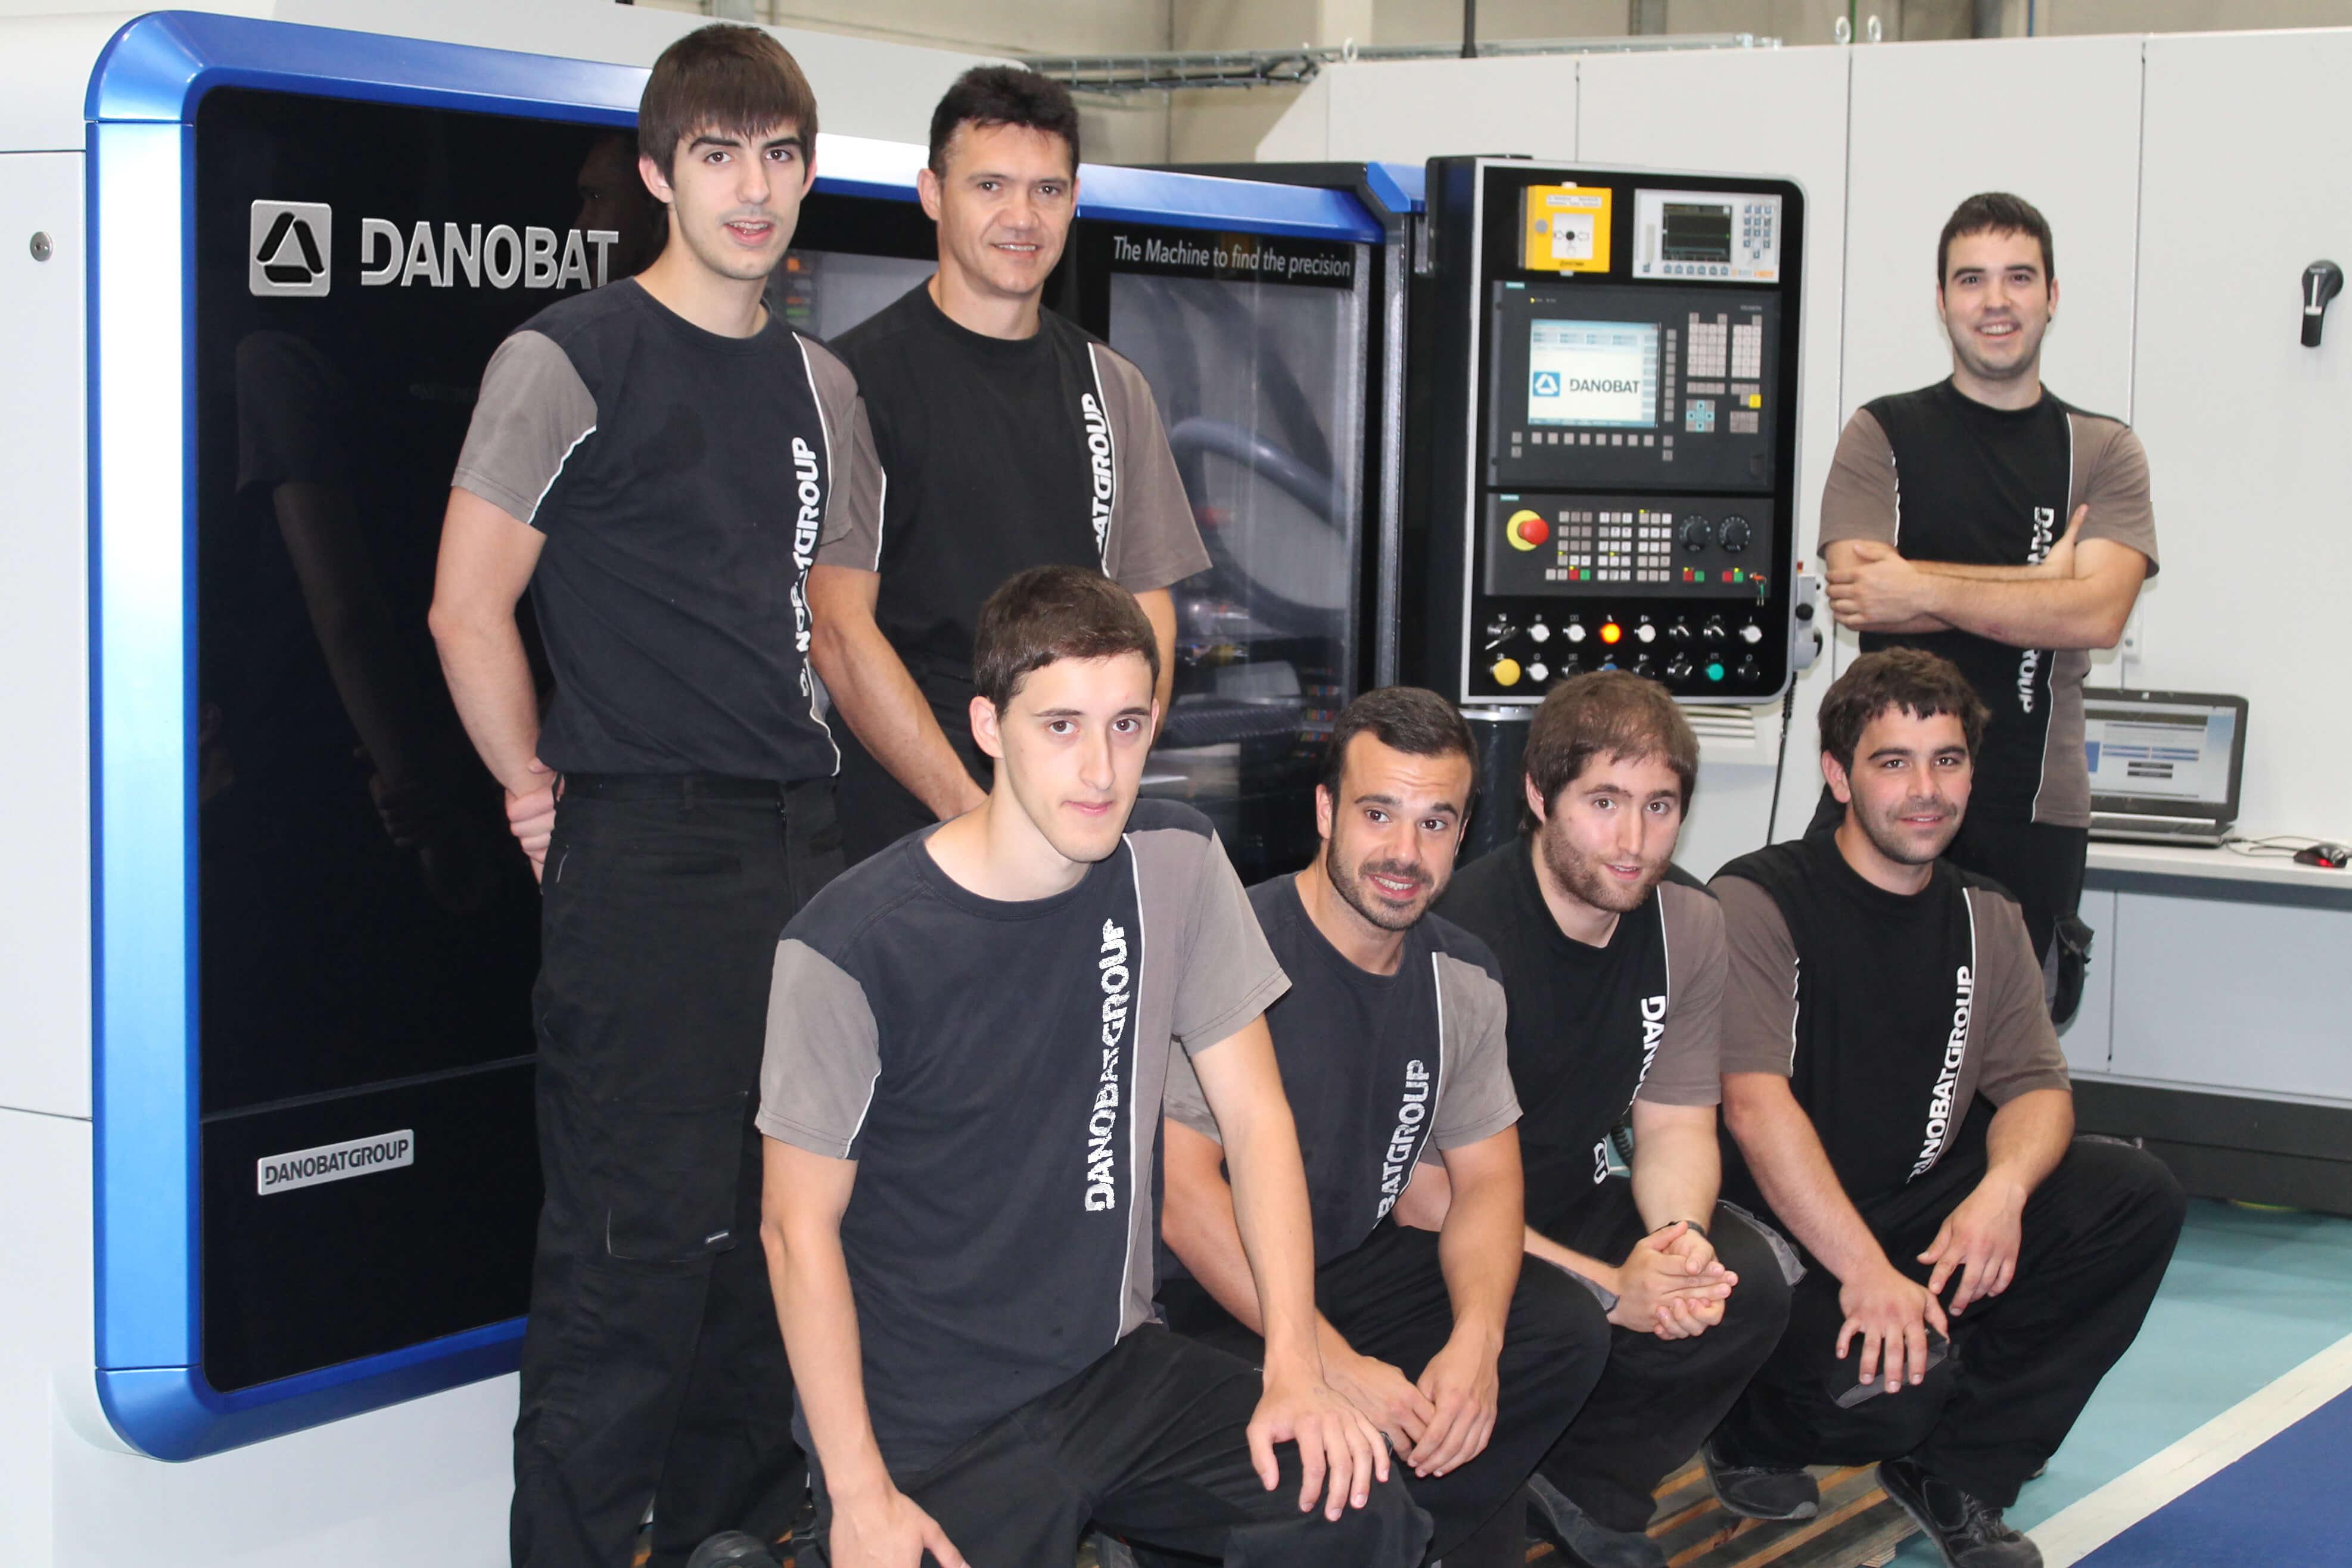 Talentua euskal industriarako: ikasgelatik fabrikazio aurreratuko lantegira